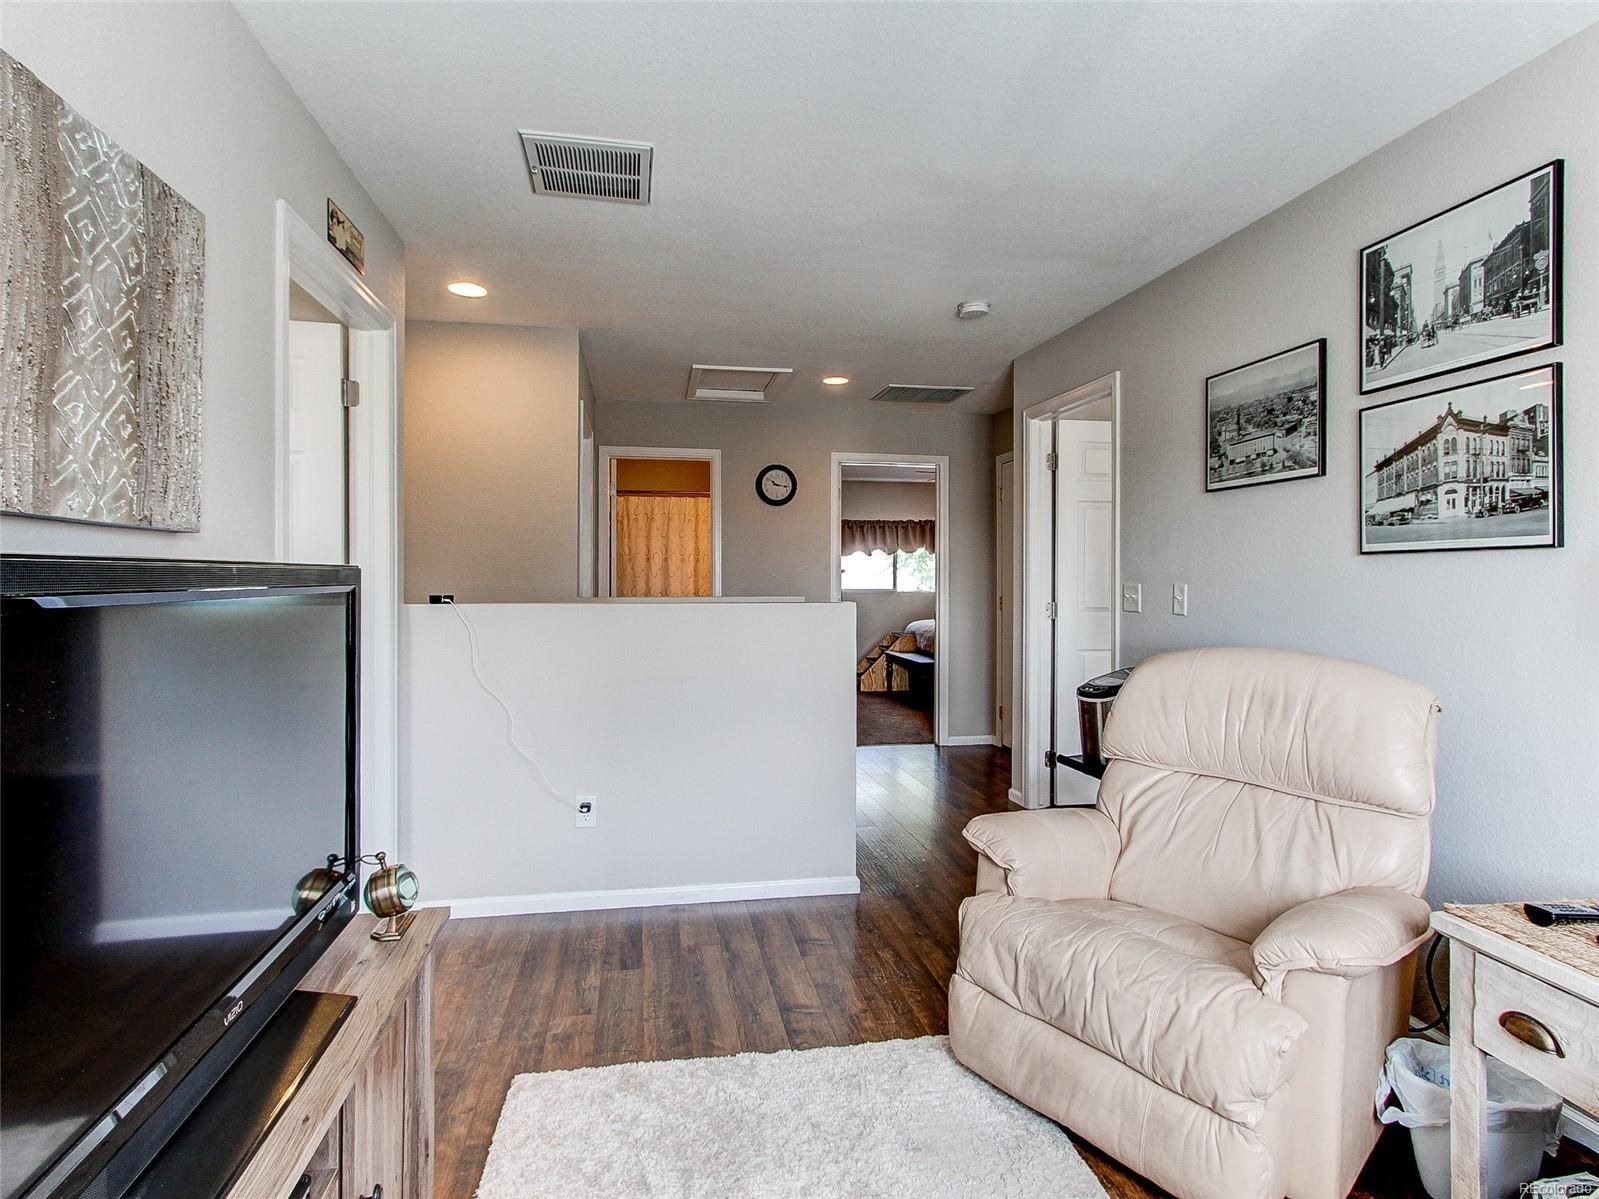 MLS# 9165896 - 1 - 495  E 78th Drive, Thornton, CO 80229